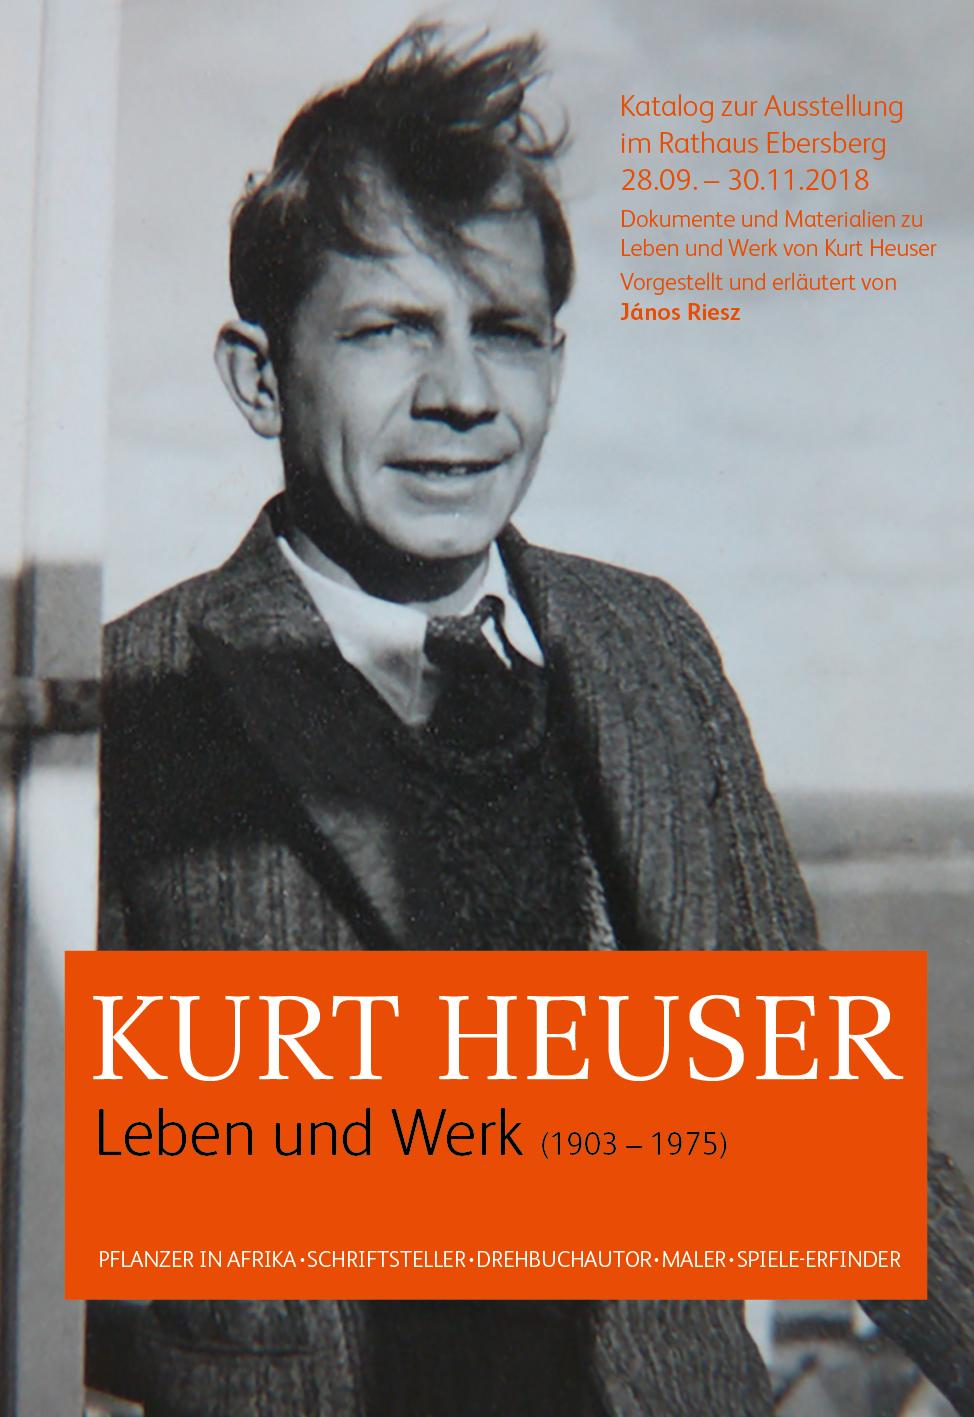 Kurt Heuser